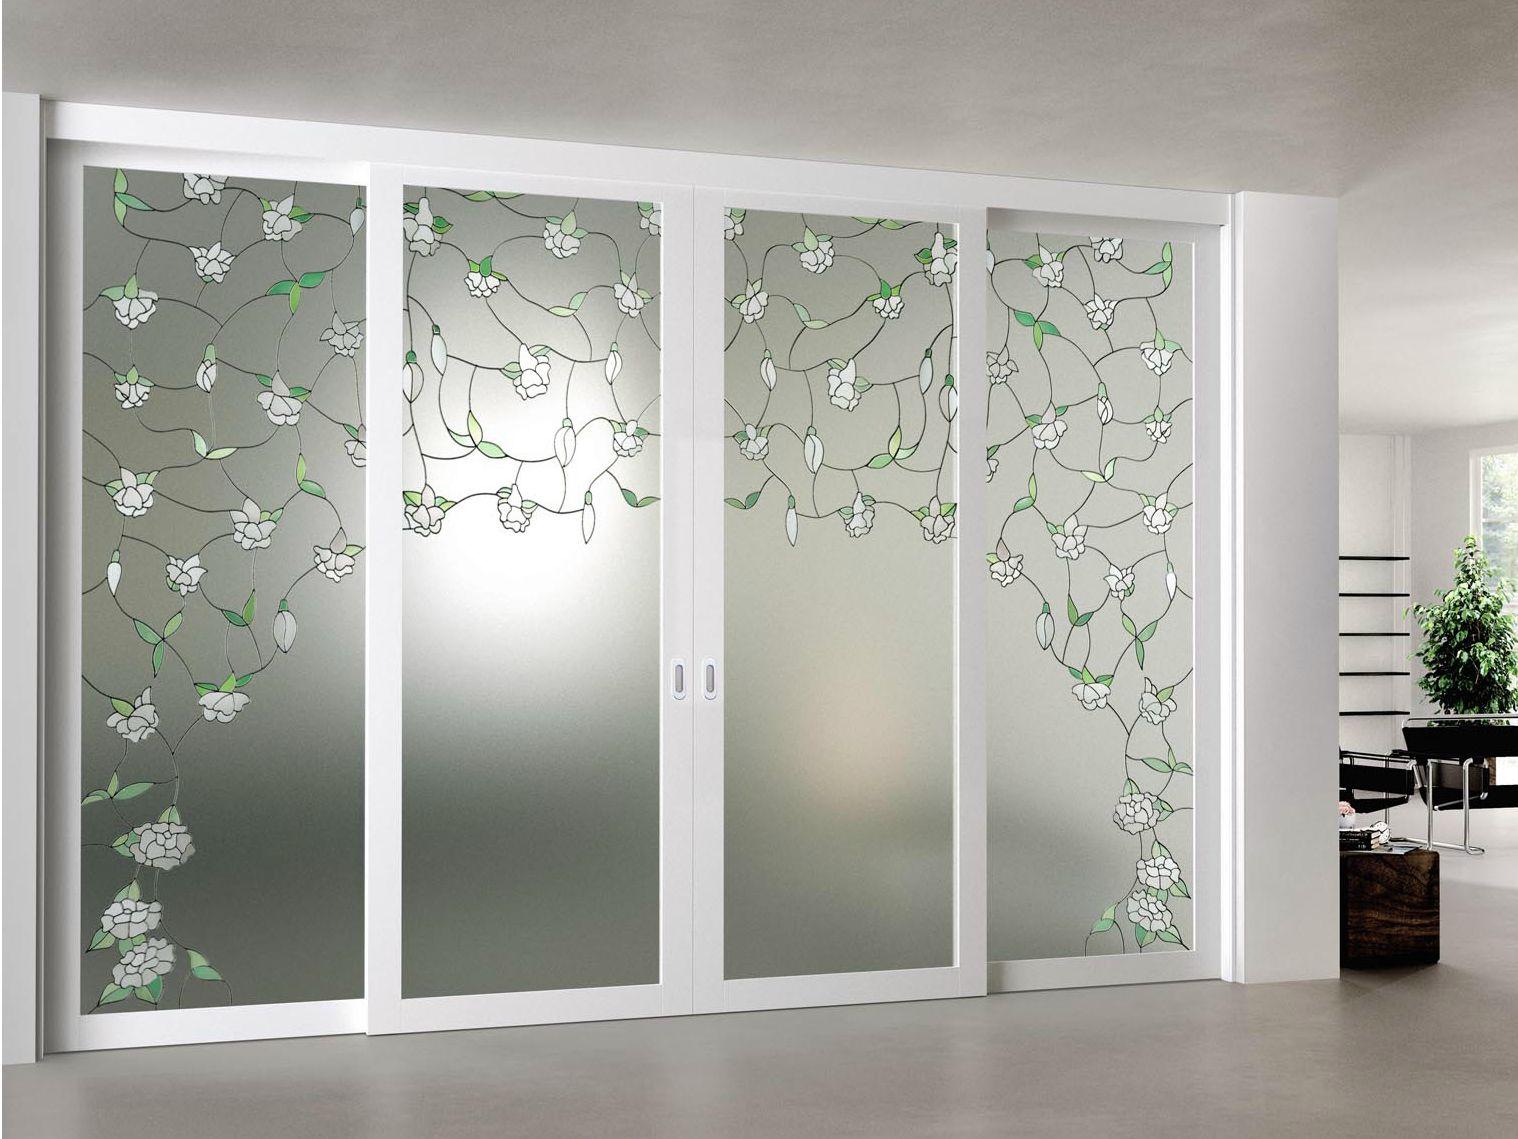 Puerta corrediza de vidrio arianna by foa - Puertas deslizantes de cristal ...